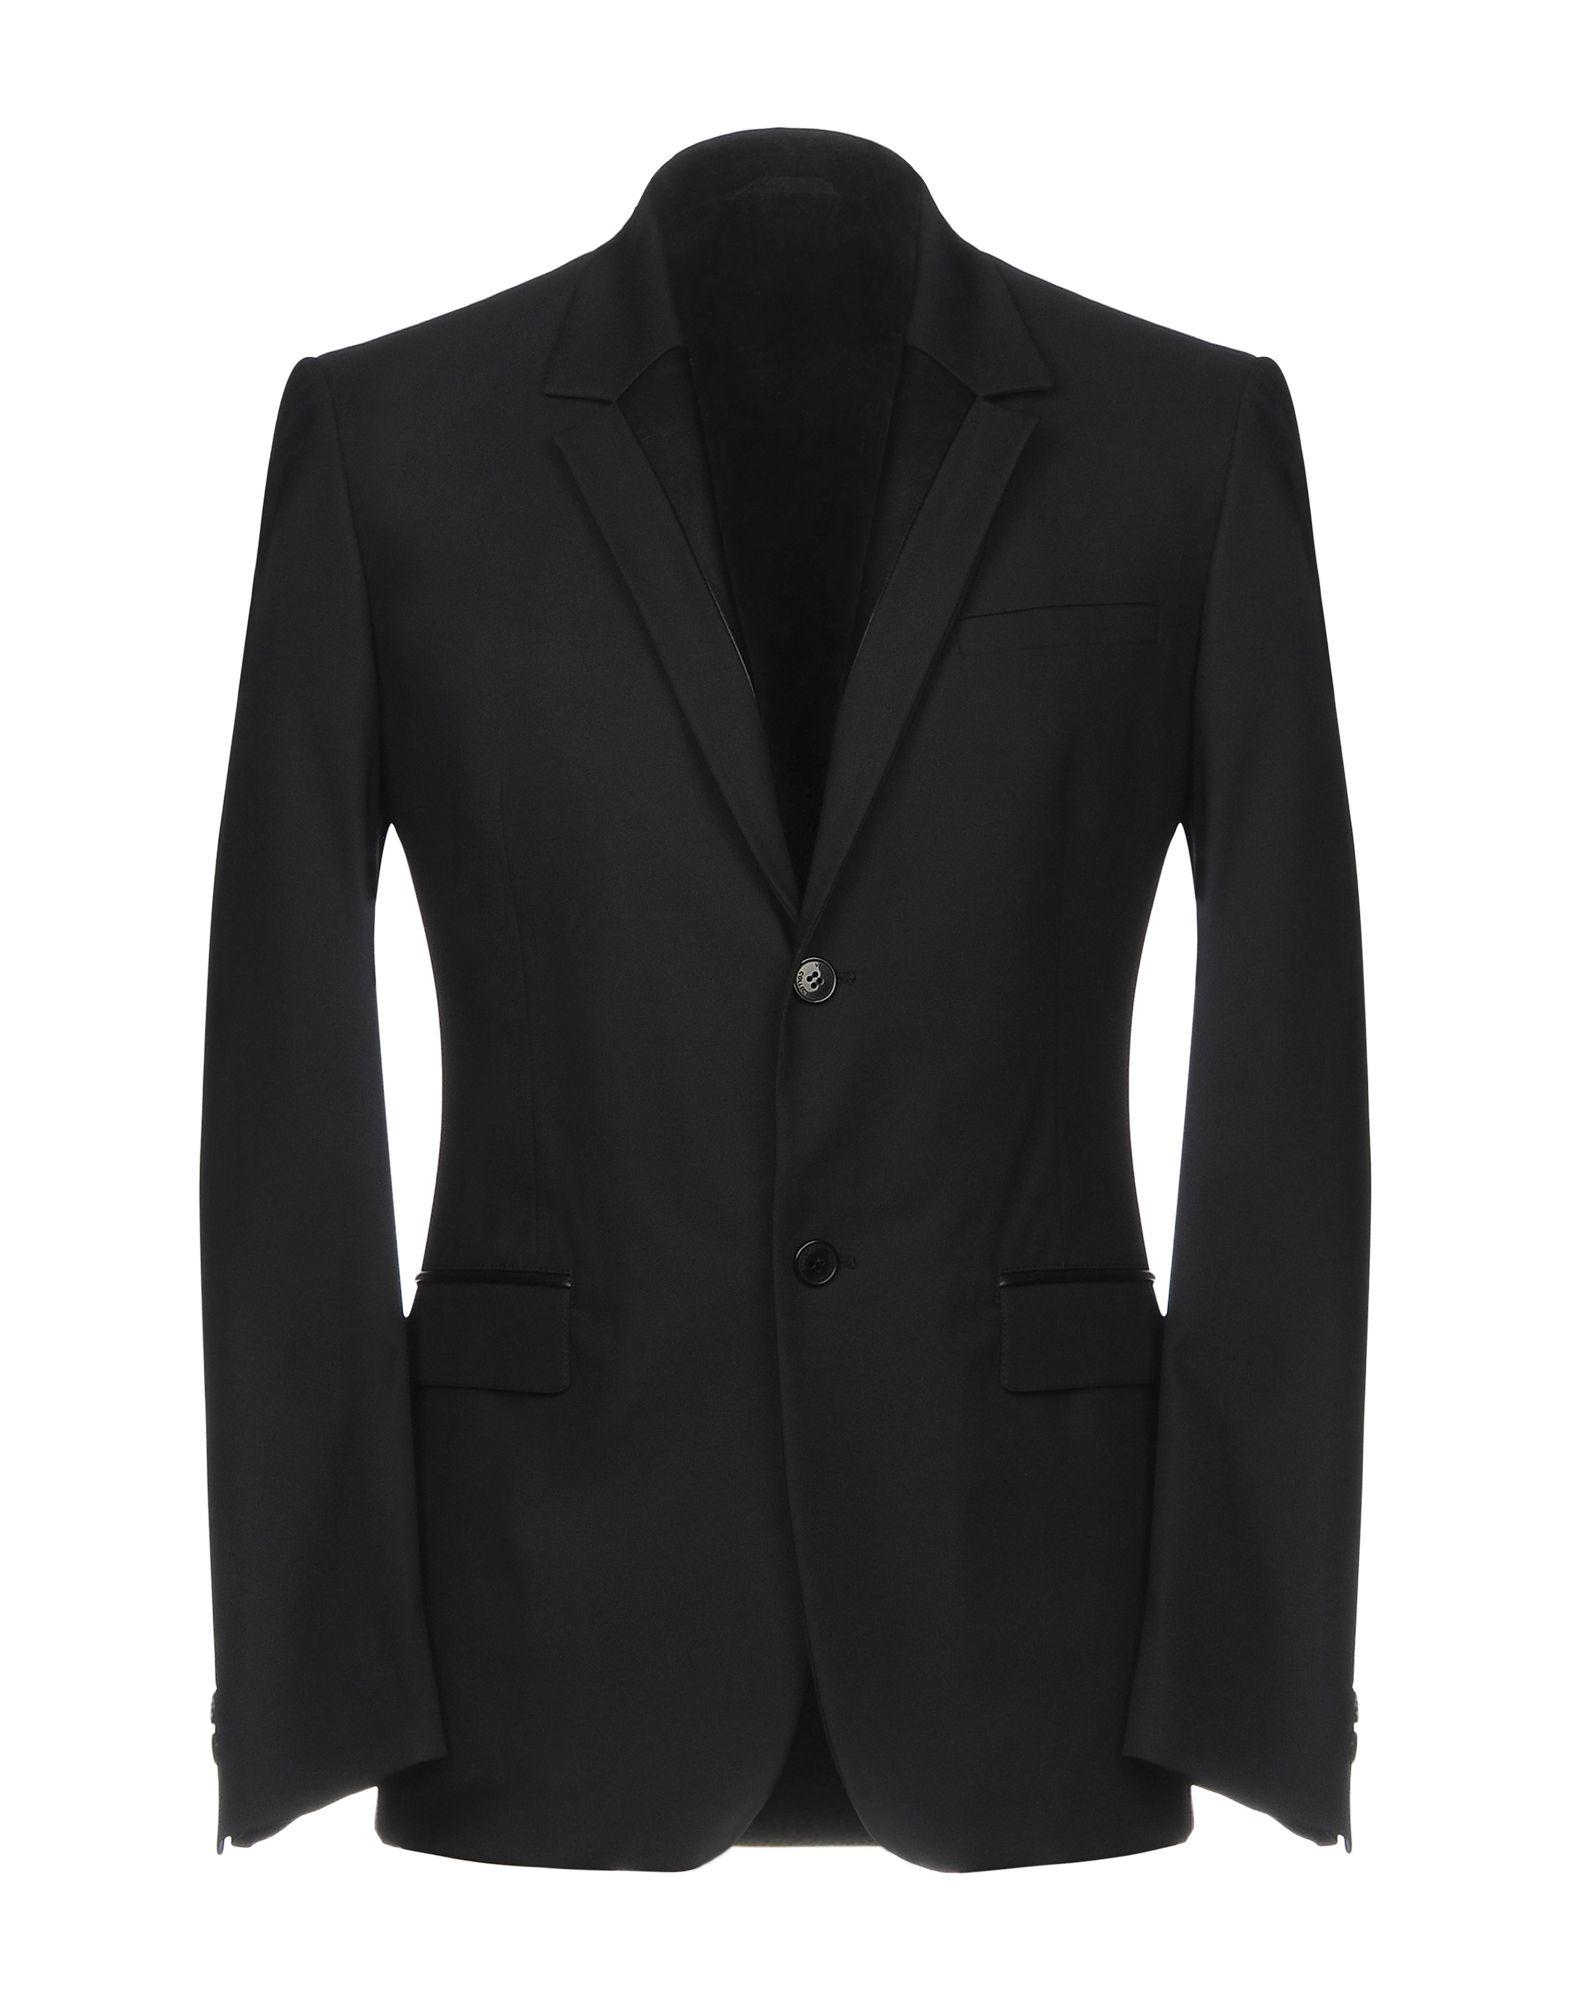 Scuba Blazer in Black